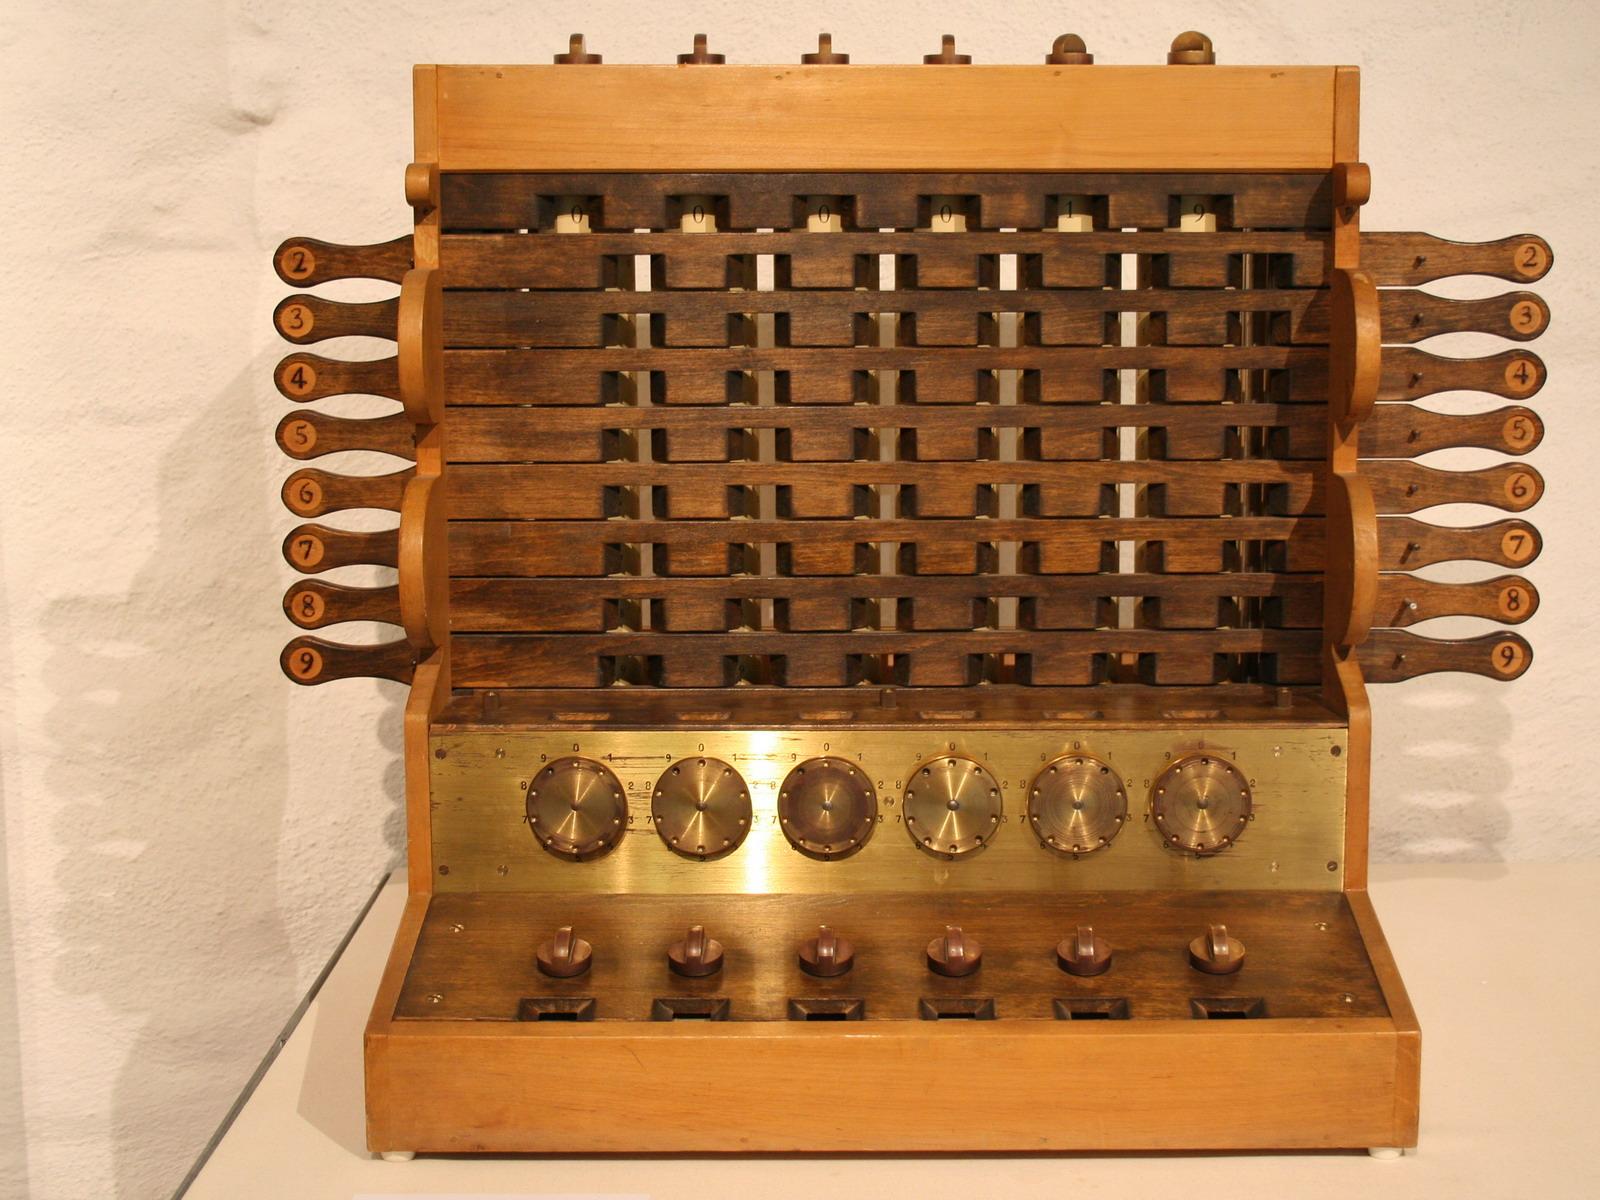 Schickards Rechenmaschine